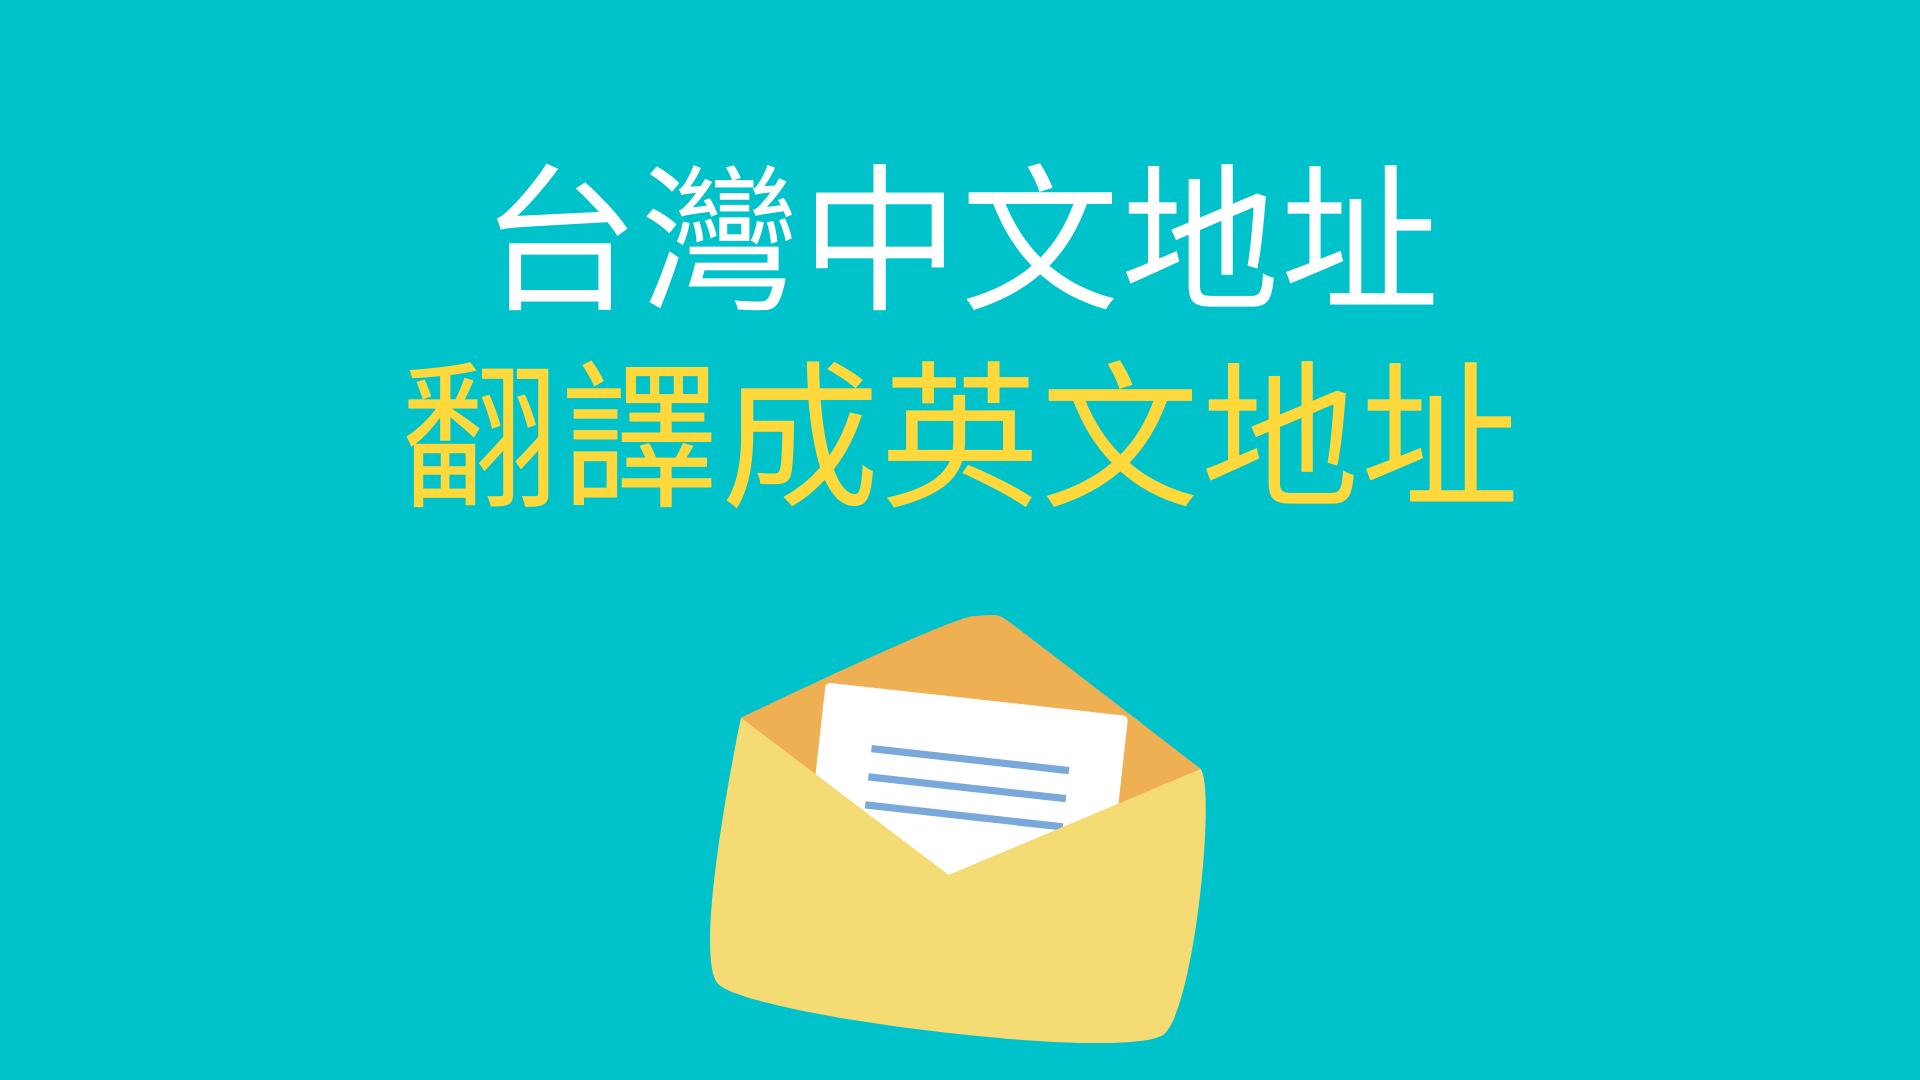 【英文地址】台灣的中文「地址」英文怎麼翻譯、英譯?寫法查詢